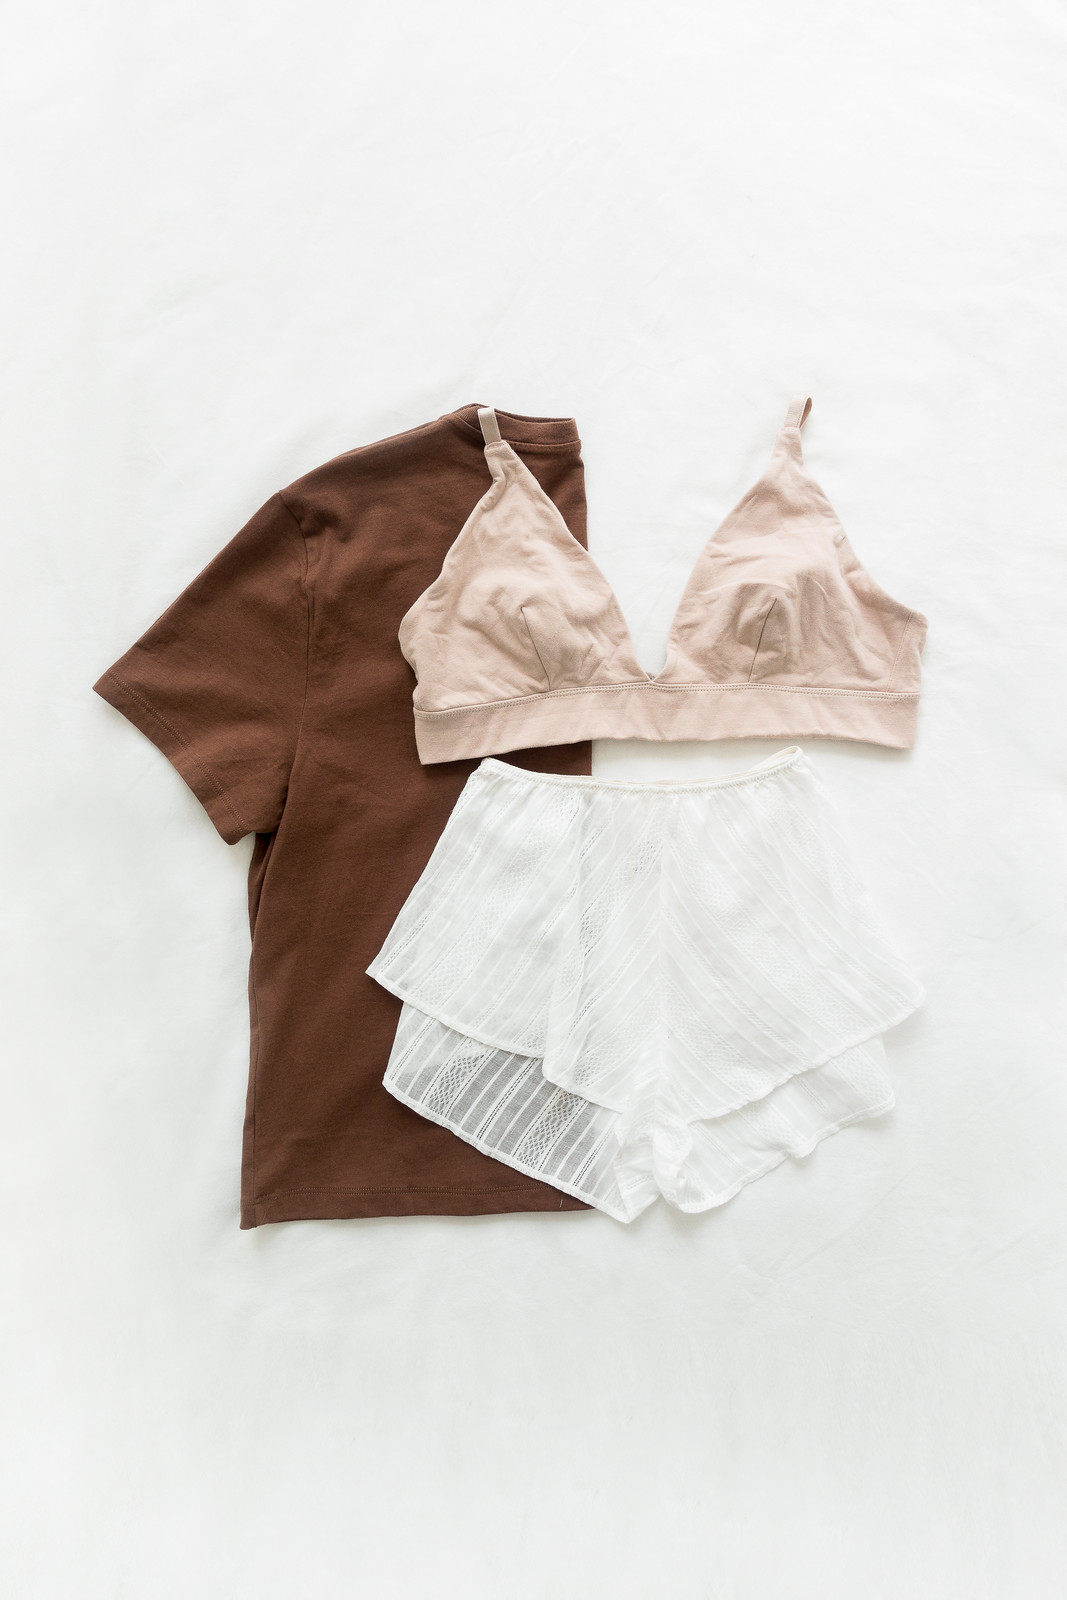 A Loungewear Capsule Wardrobe